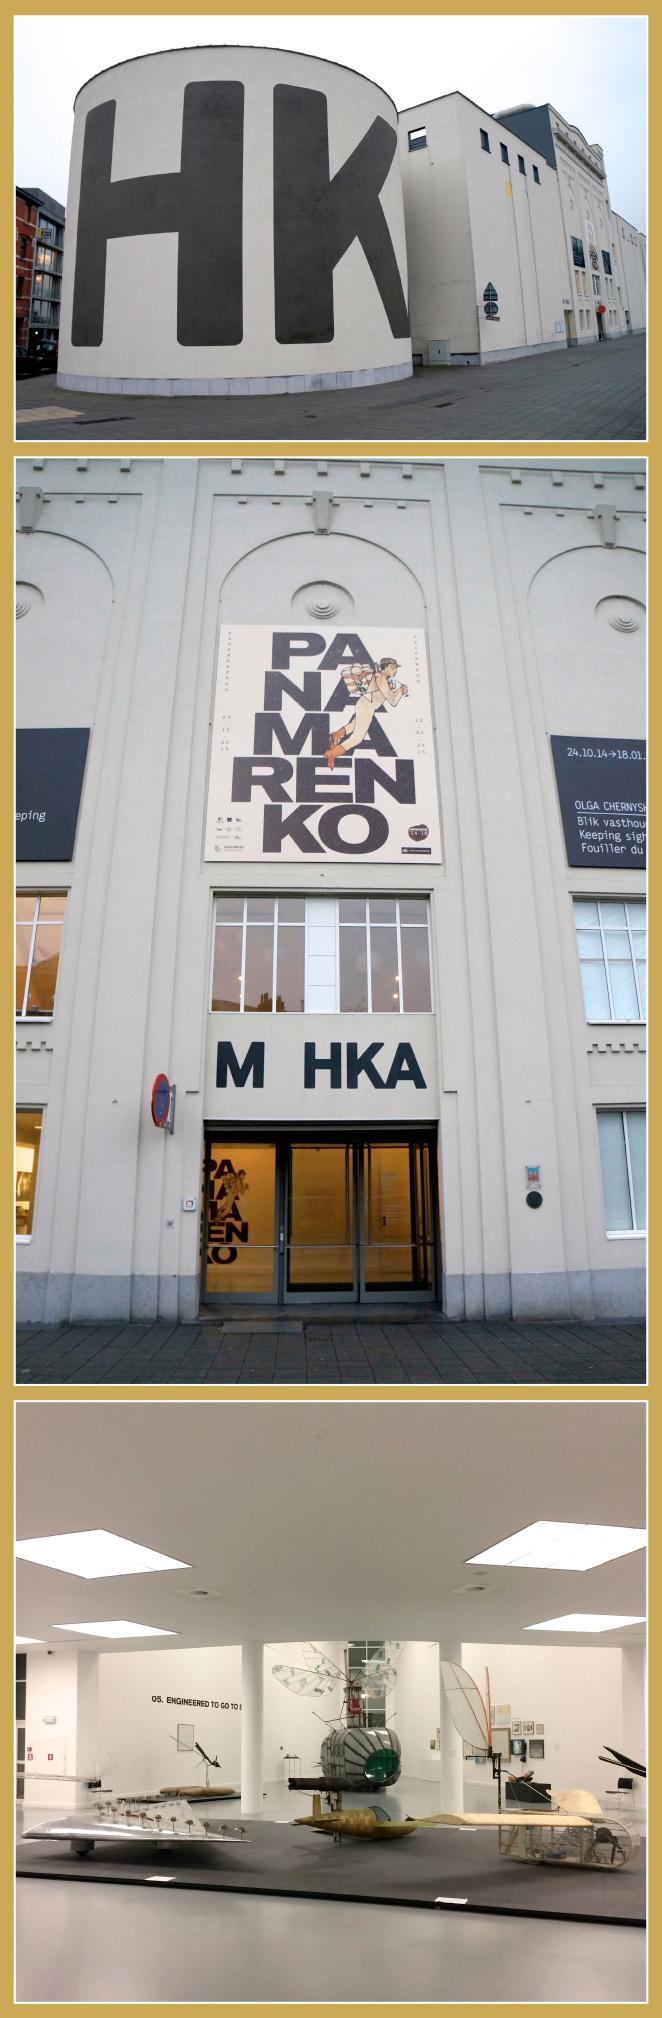 En Waalsekaai, no os perdáis el FOMU (Museo de Fotografía) y el MHKA (Museo Arte Contemporáneo).